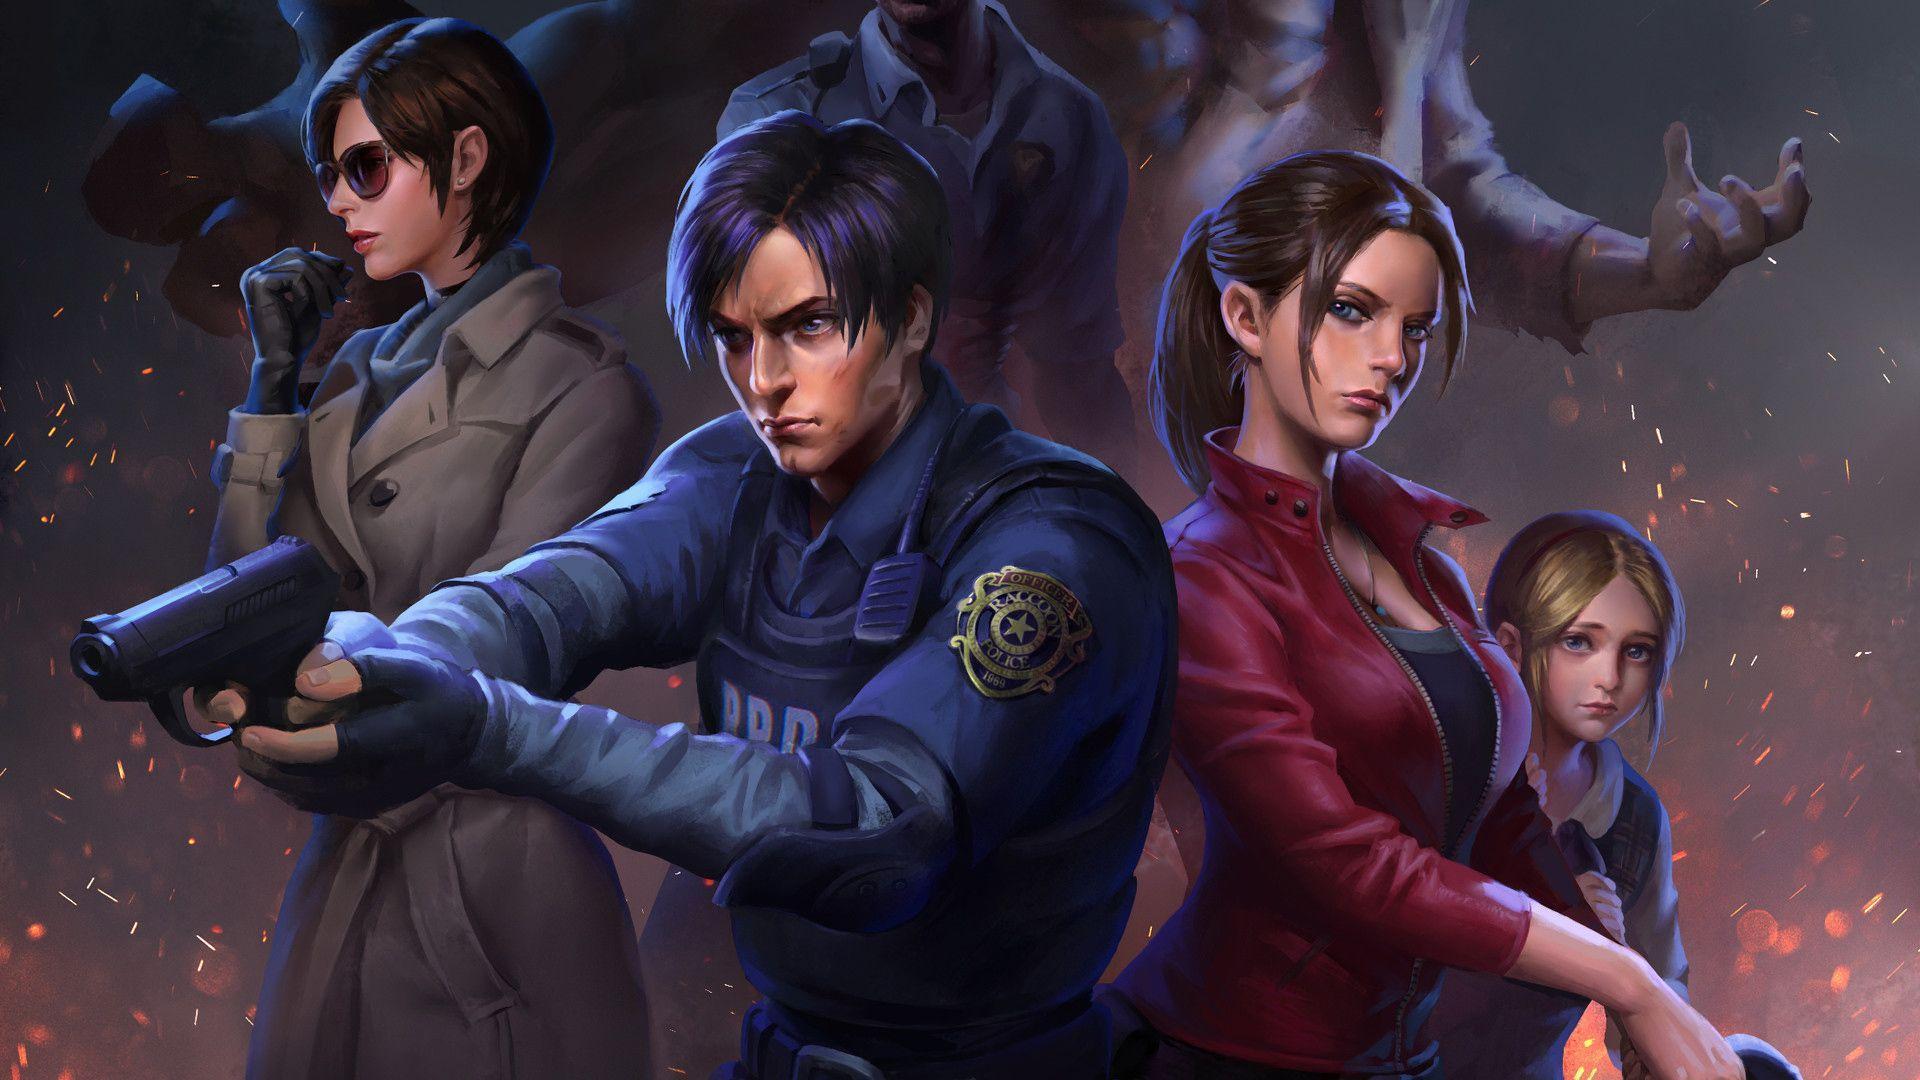 Resident Evil Art Wallpapers Top Free Resident Evil Art